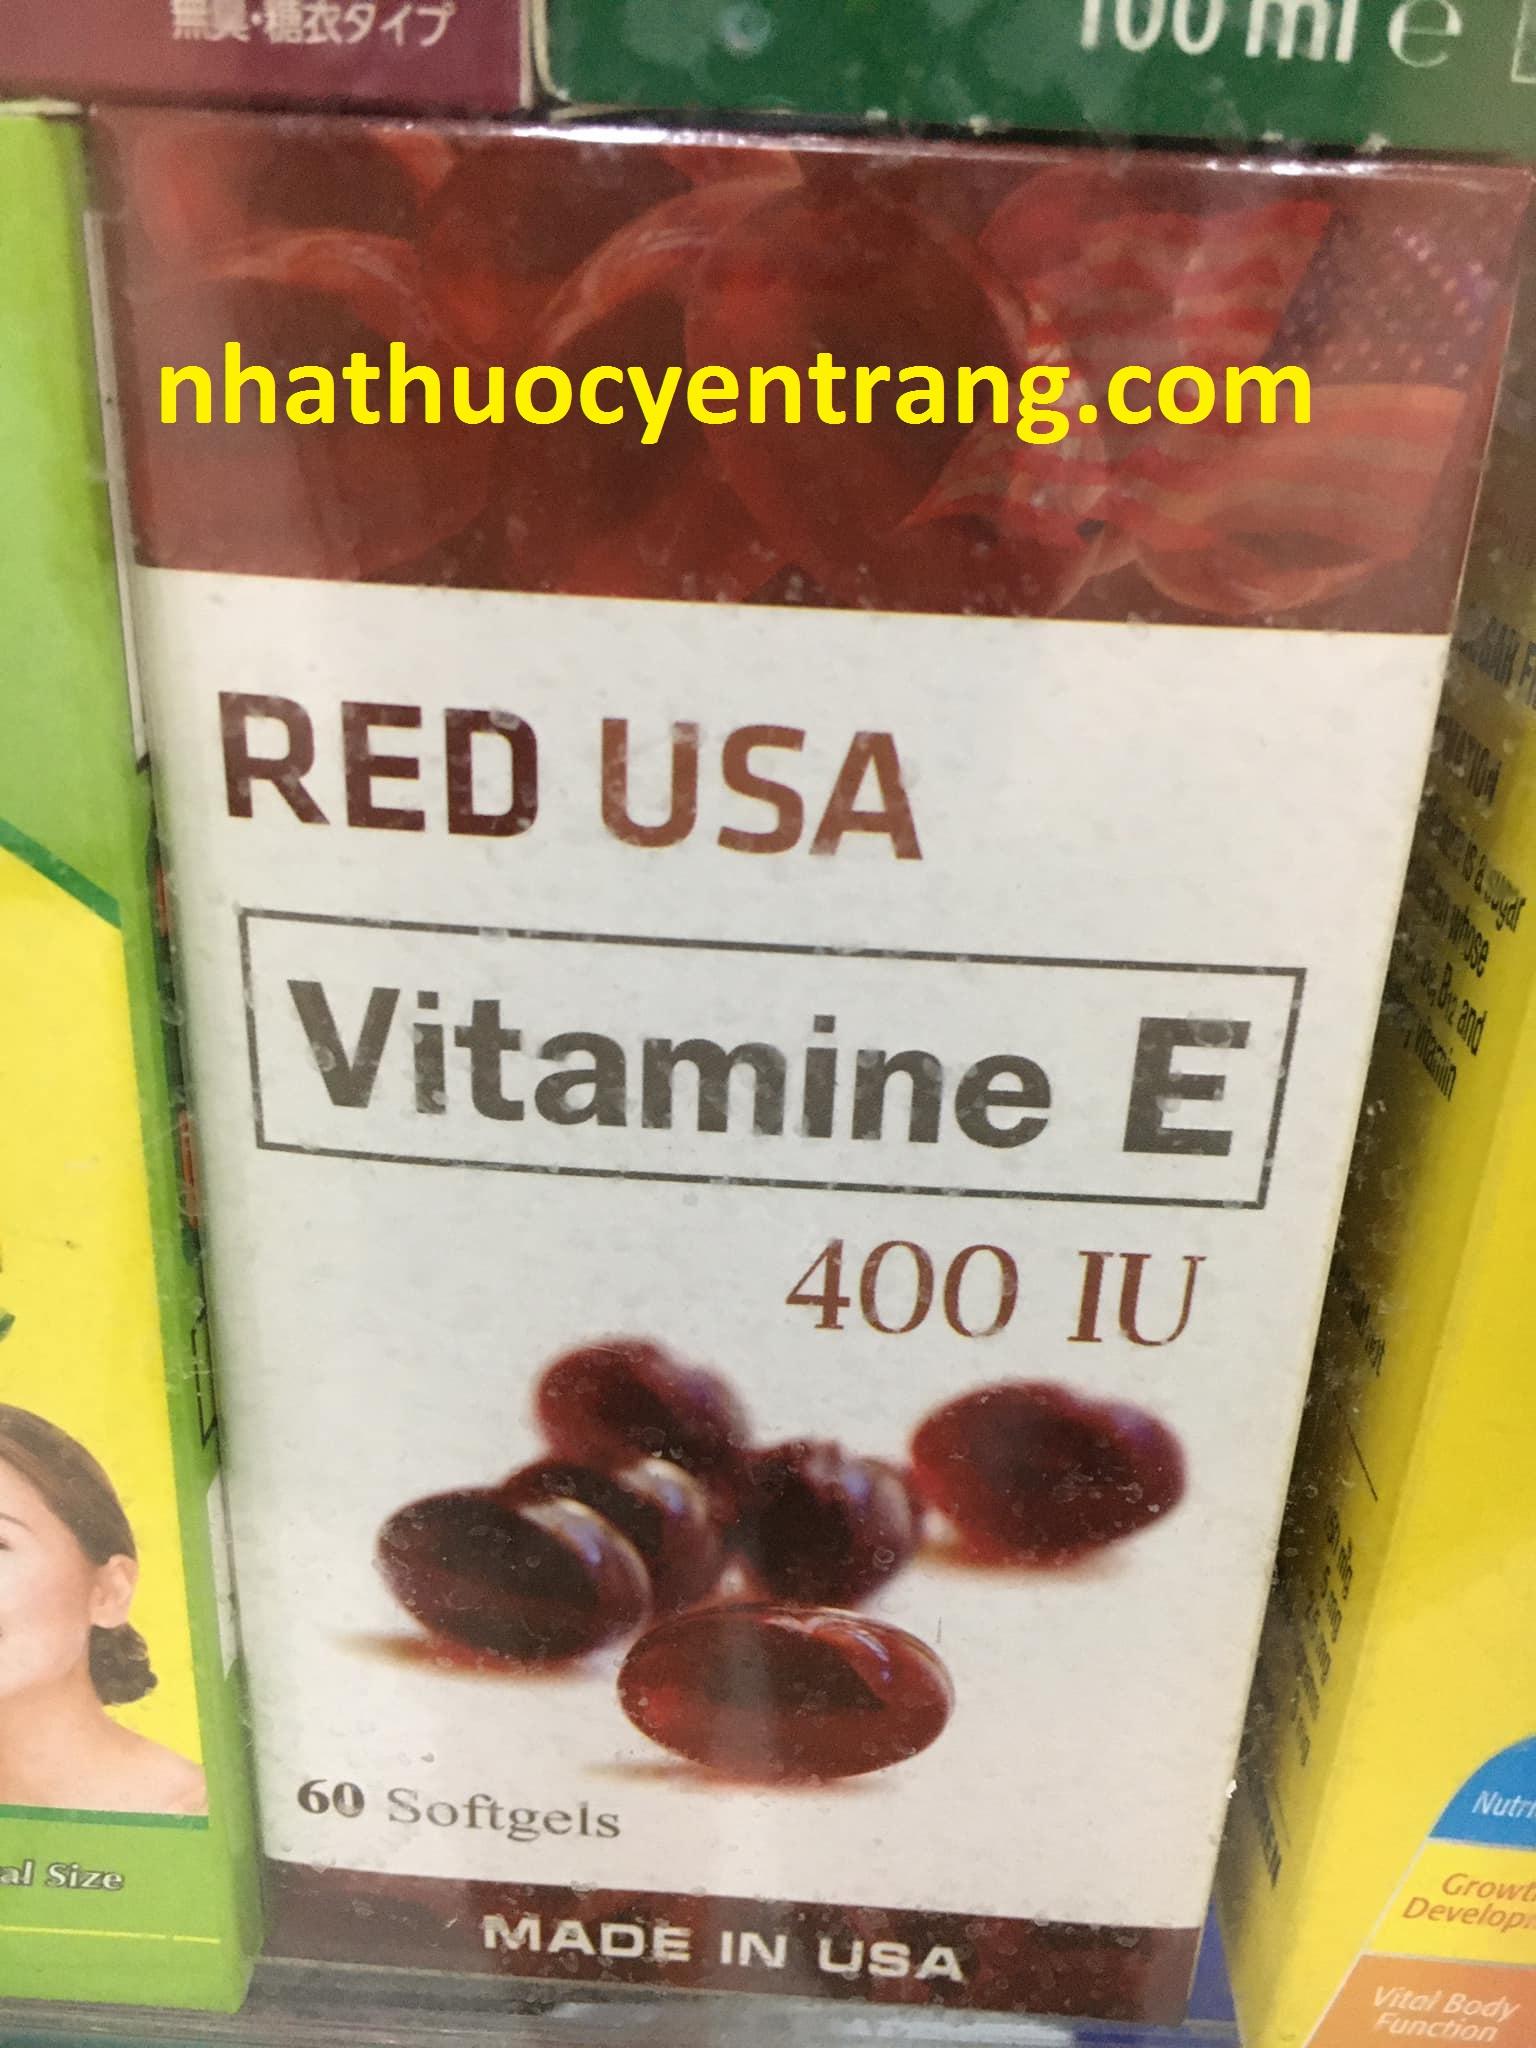 Vitamin E Red USA